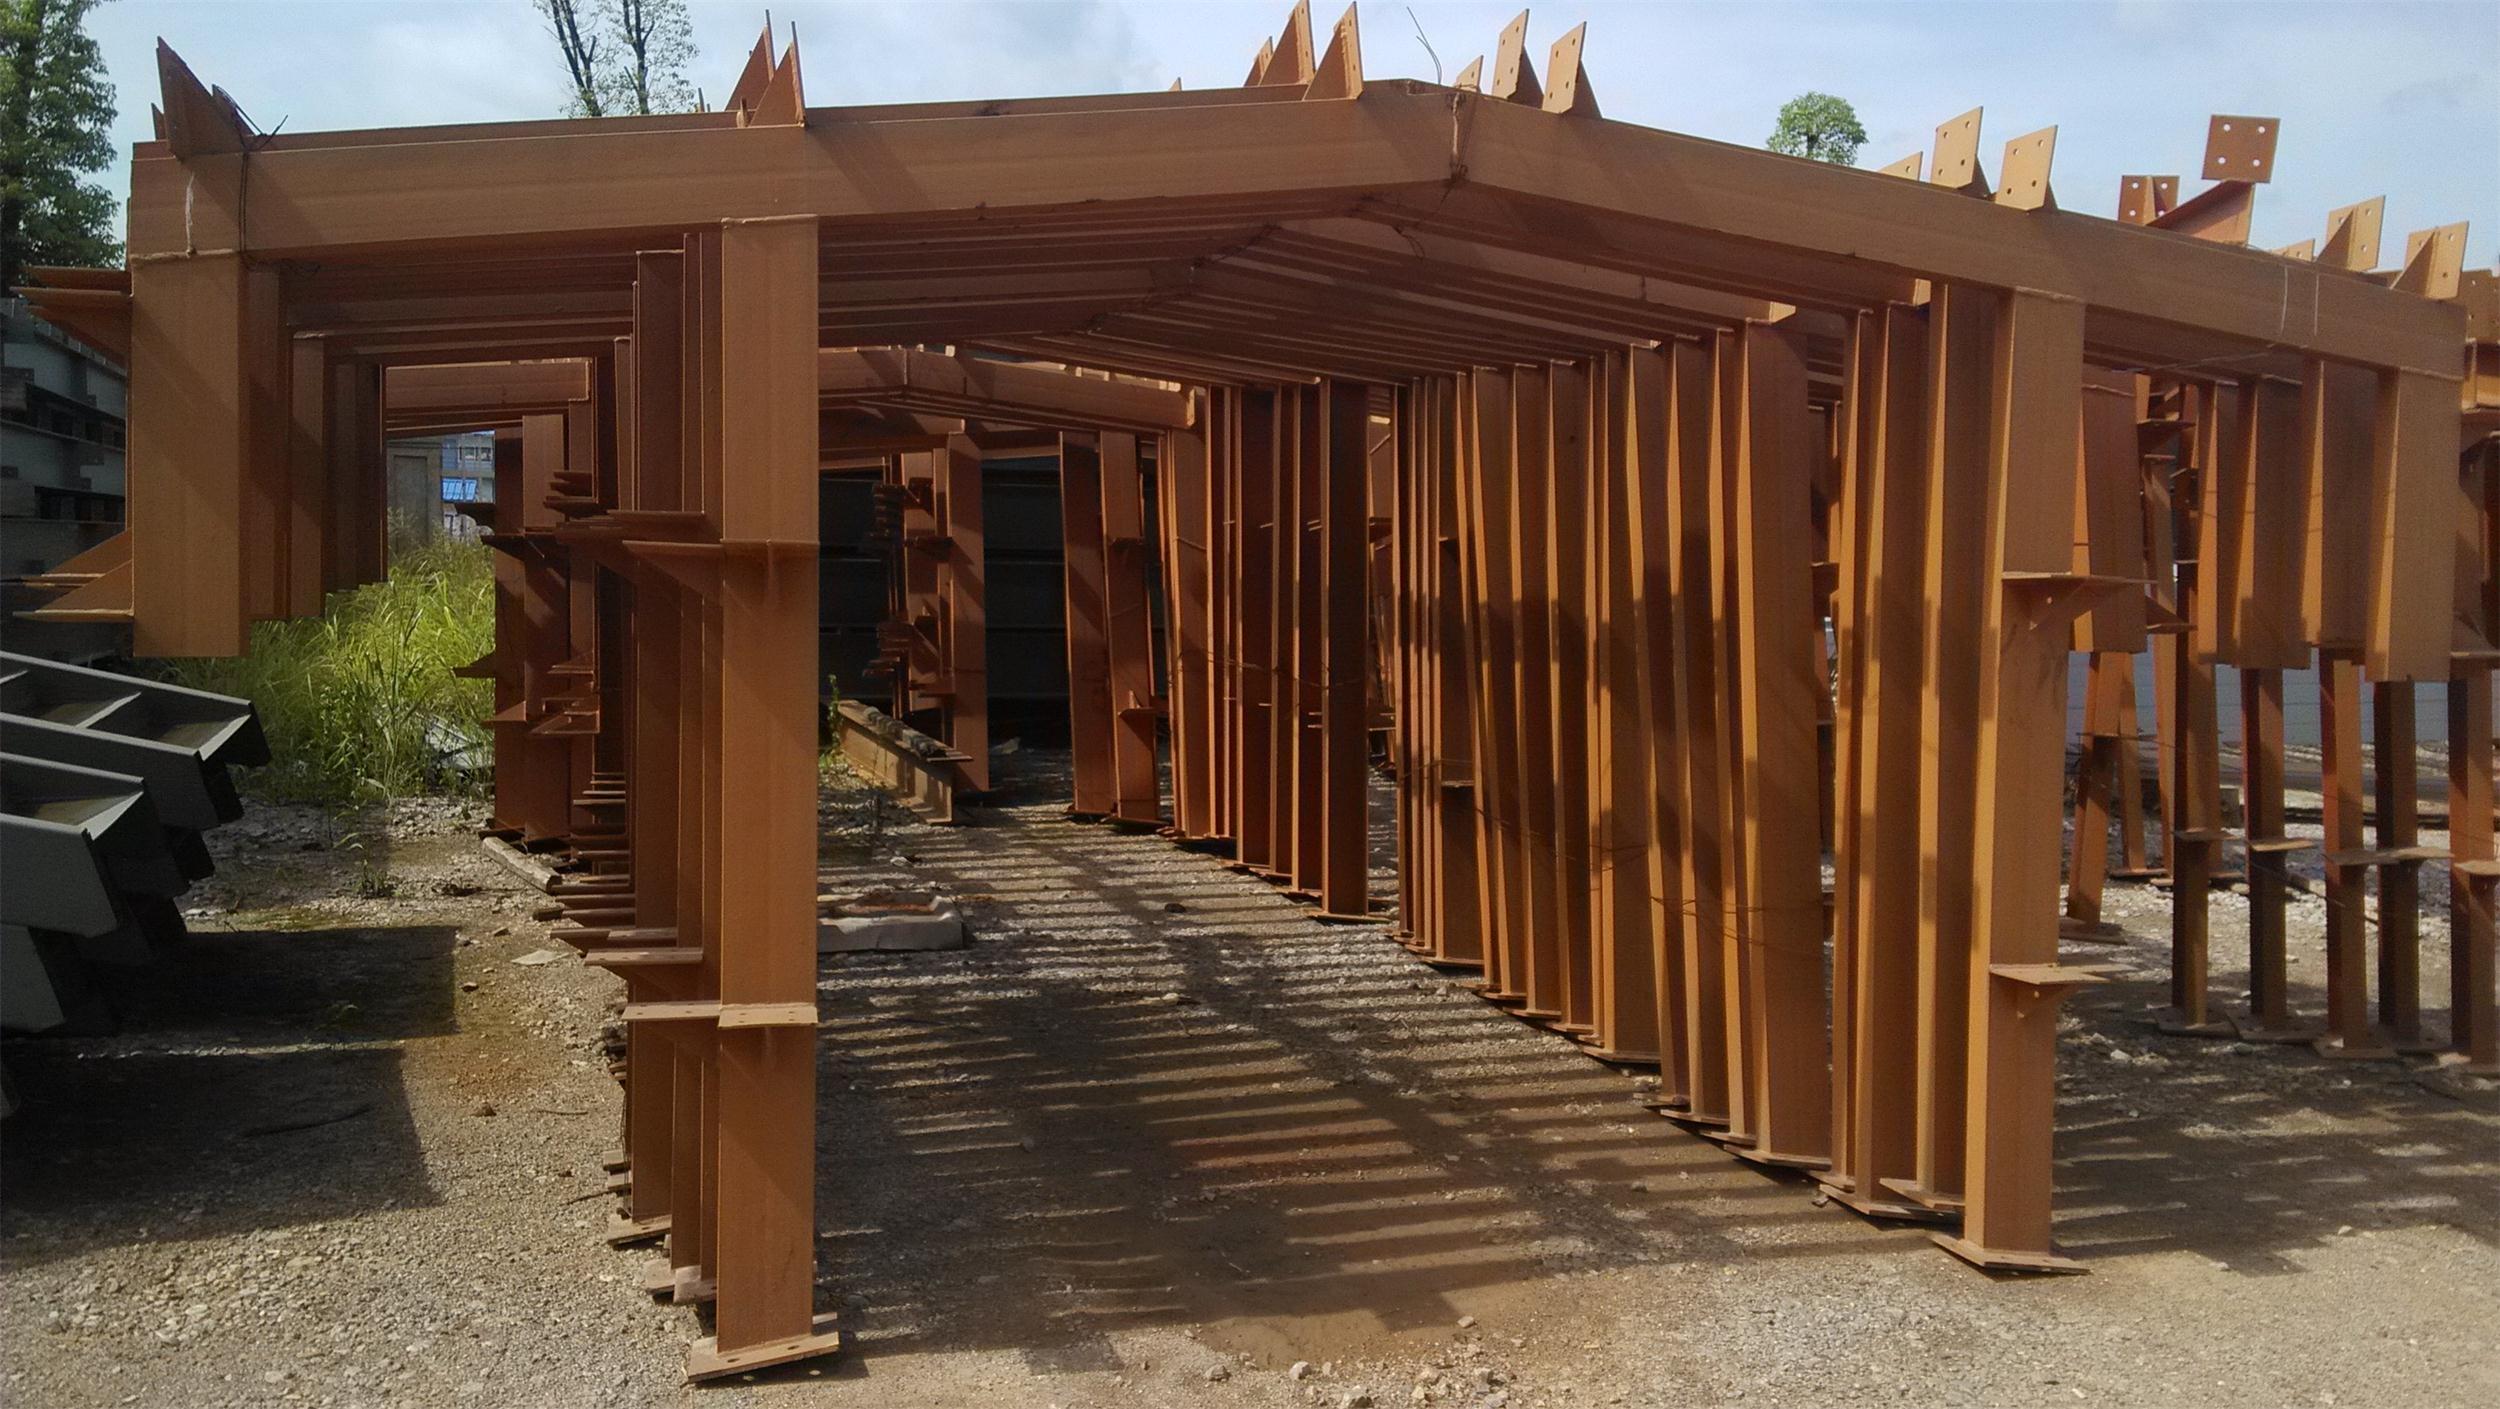 公司主营钢结构制作安装,玻璃幕墙,铝合金塑钢门窗项目的技术研发